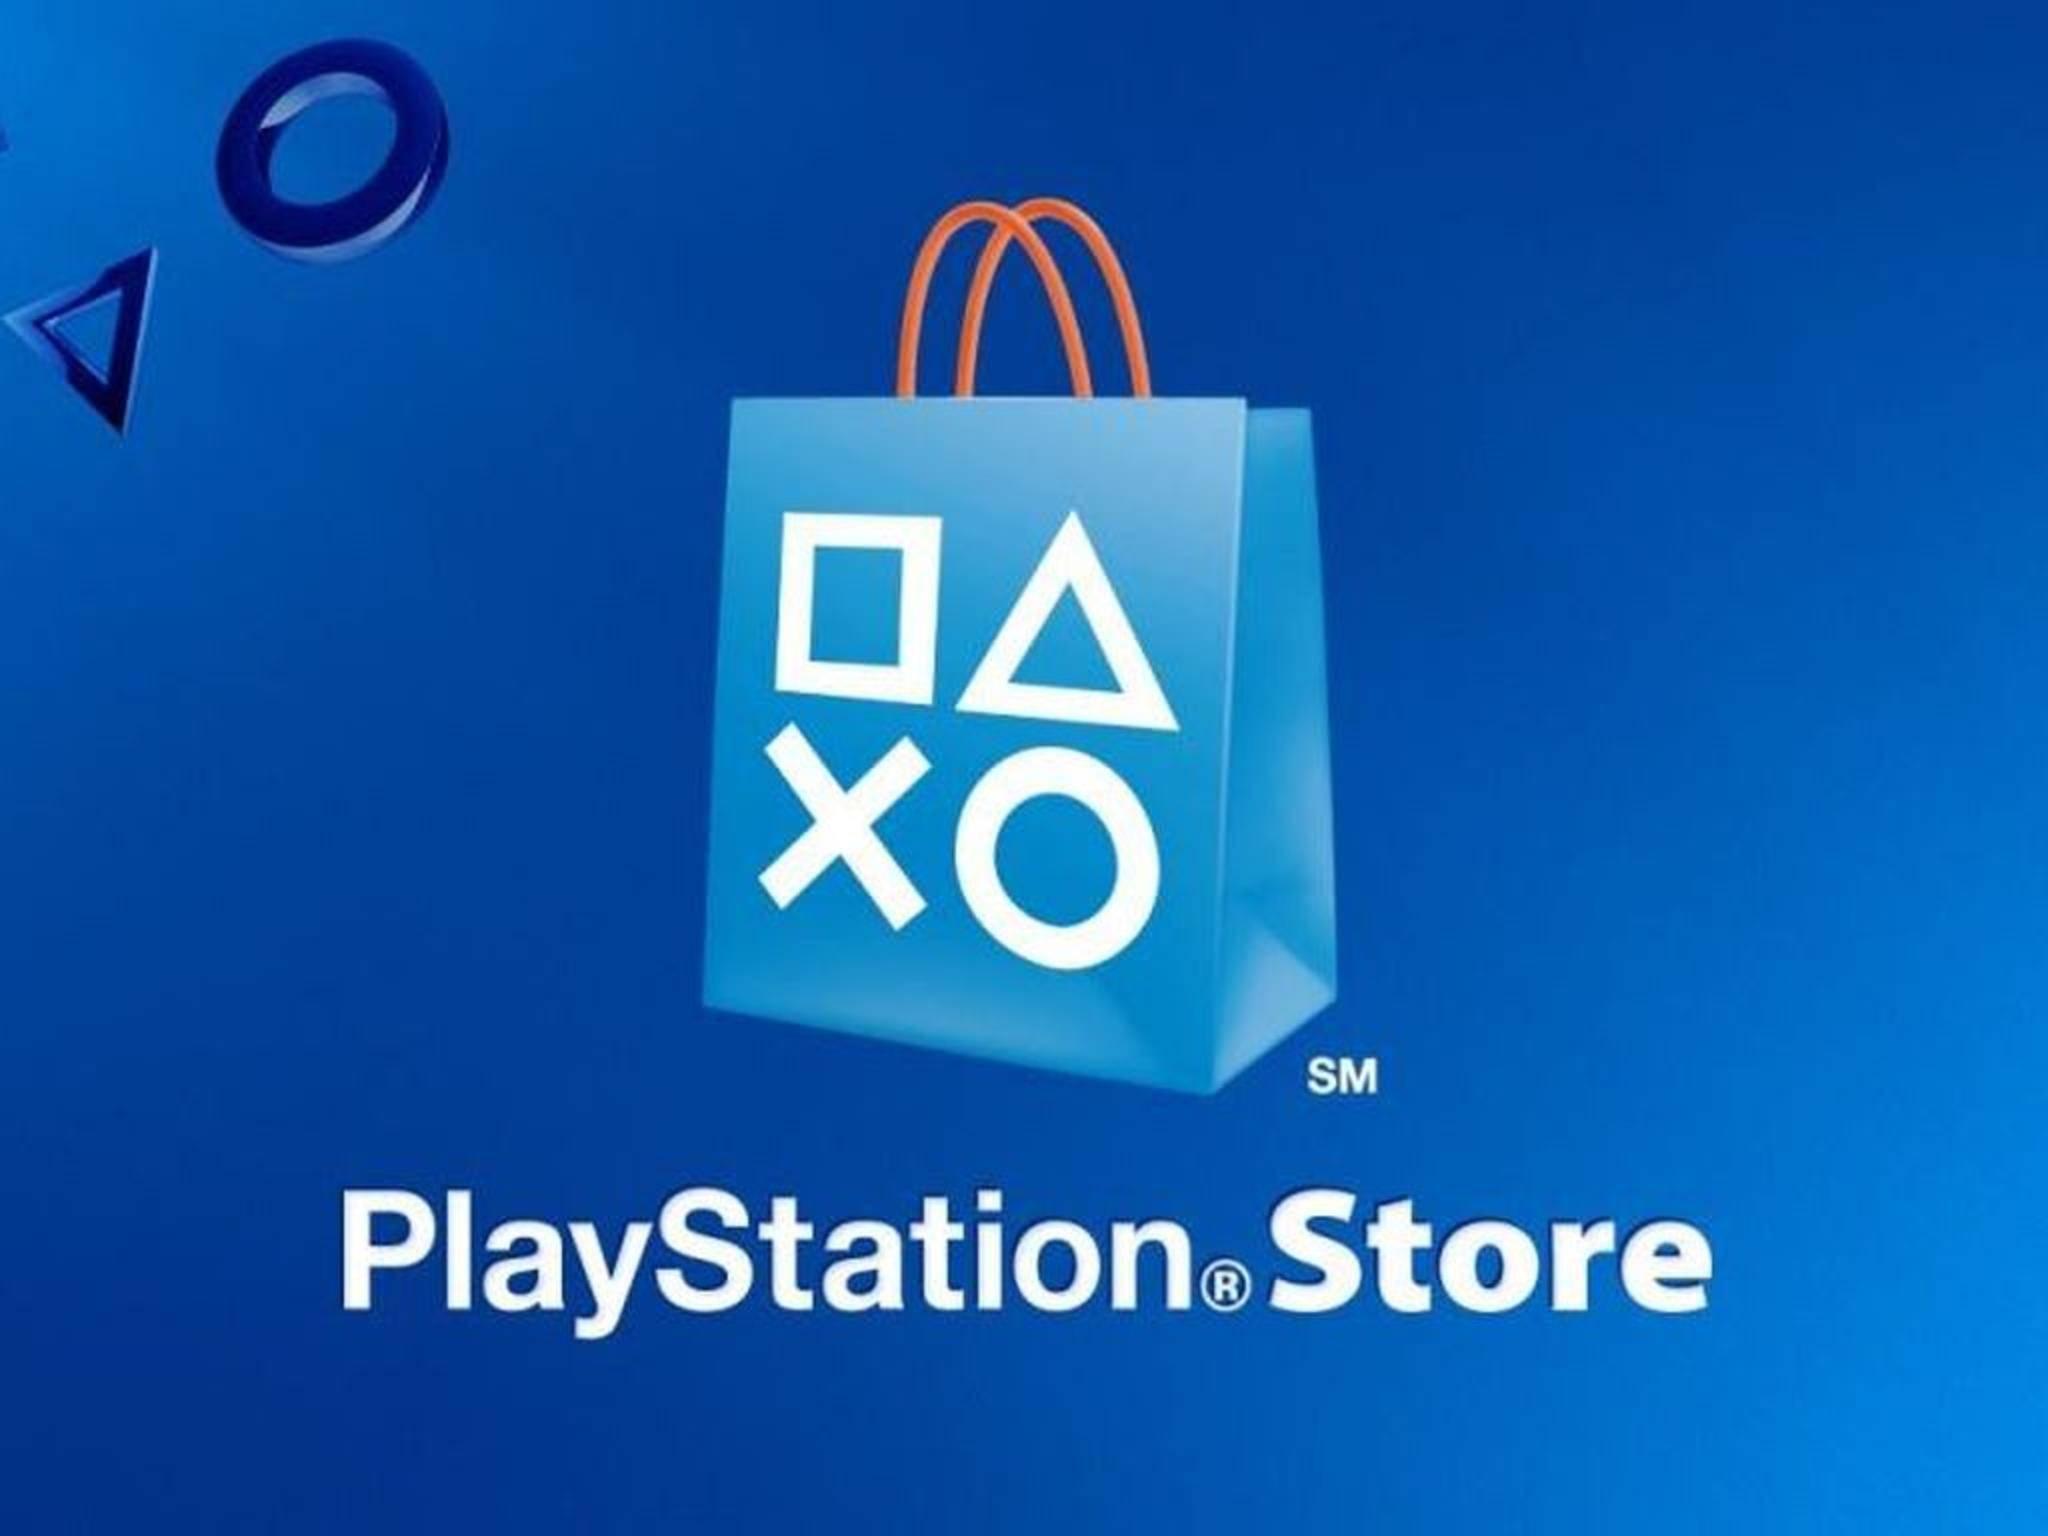 Sony gewährt zehn Prozent Rabatt im PlayStation Store – aber damit geben nicht nicht alle Spieler zufrieden.